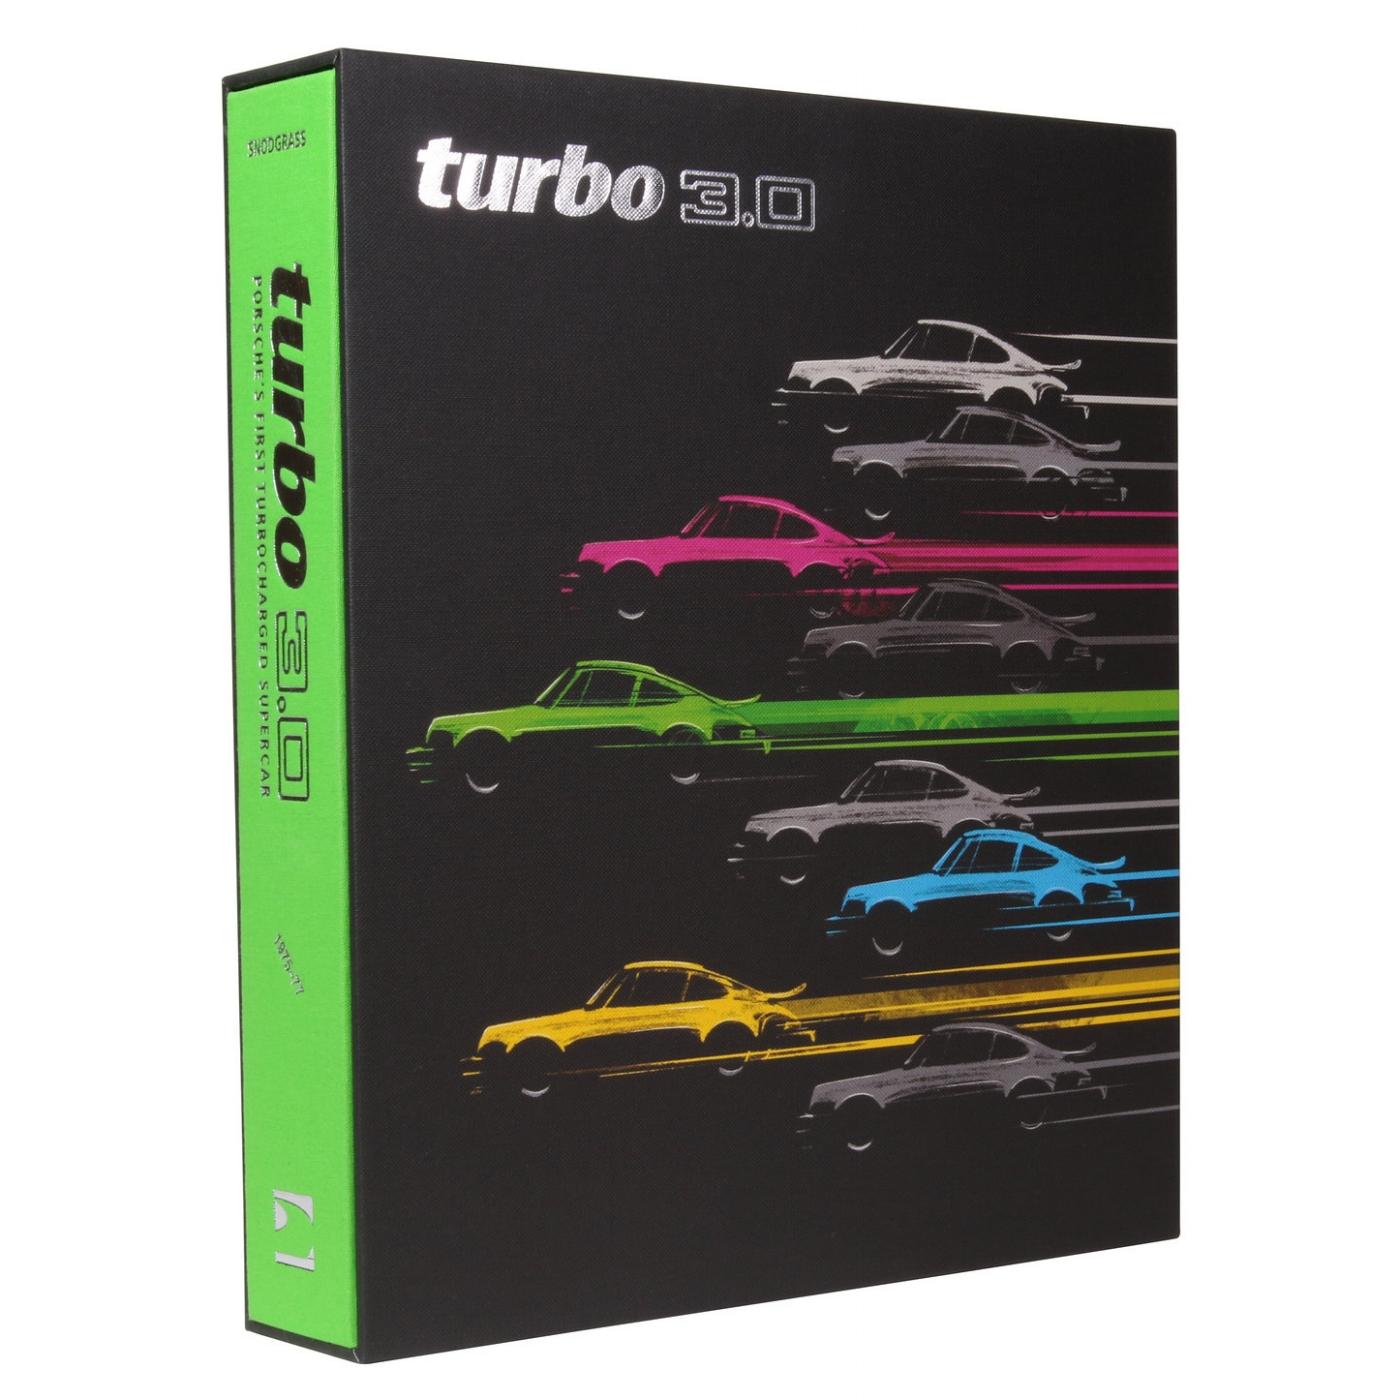 Turbo 3.0